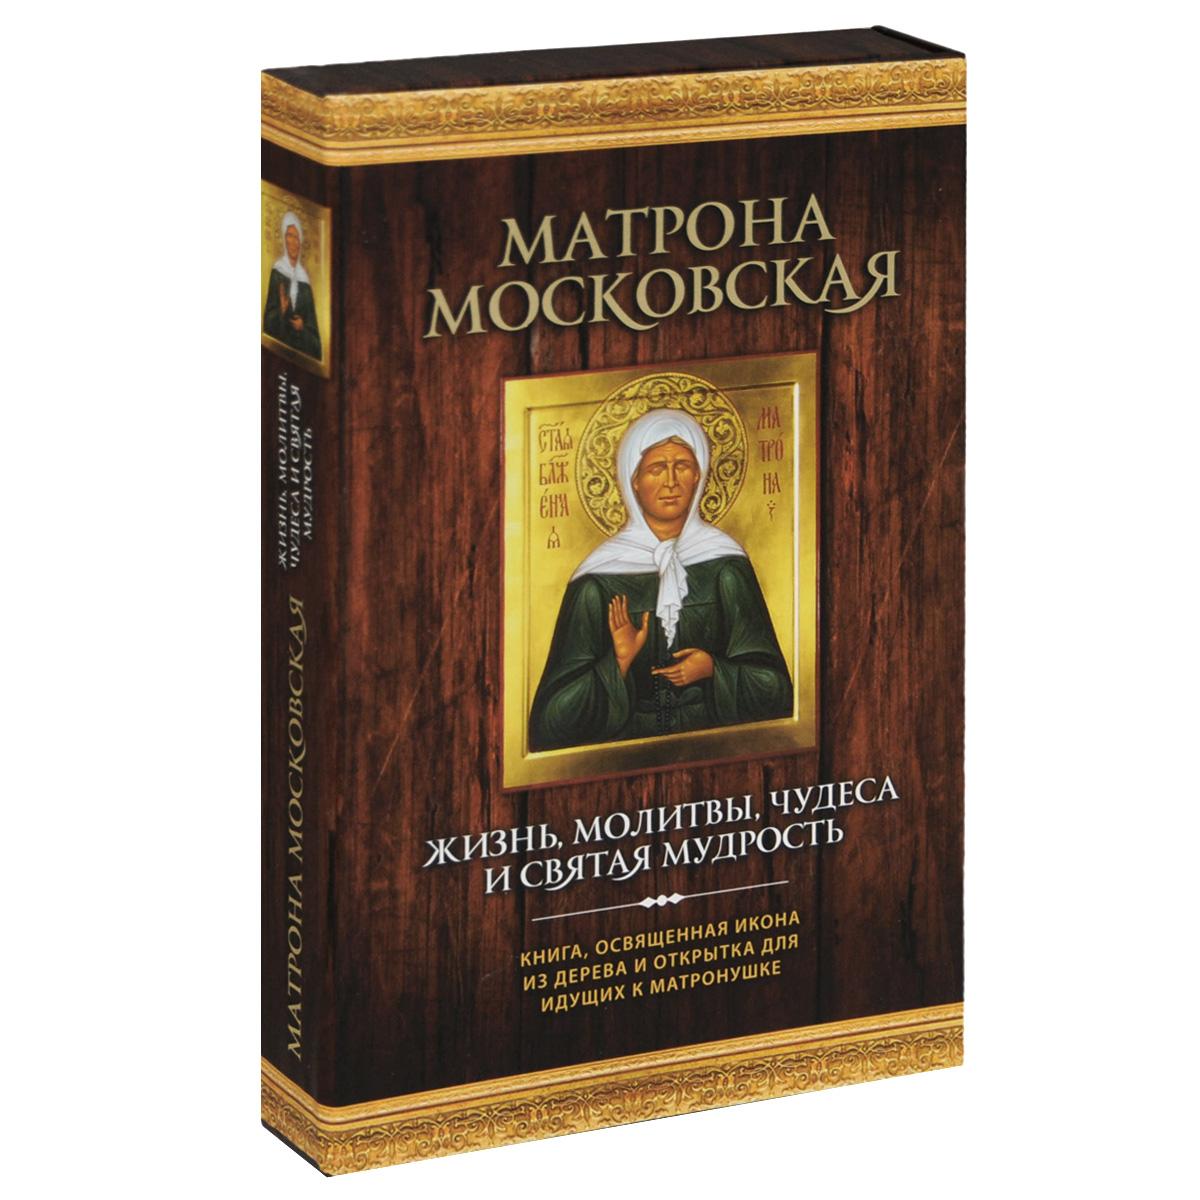 Матрона Московская. Жизнь, молитвы, чудеса и святая мудрость (книга + освещенная икона + открытка)